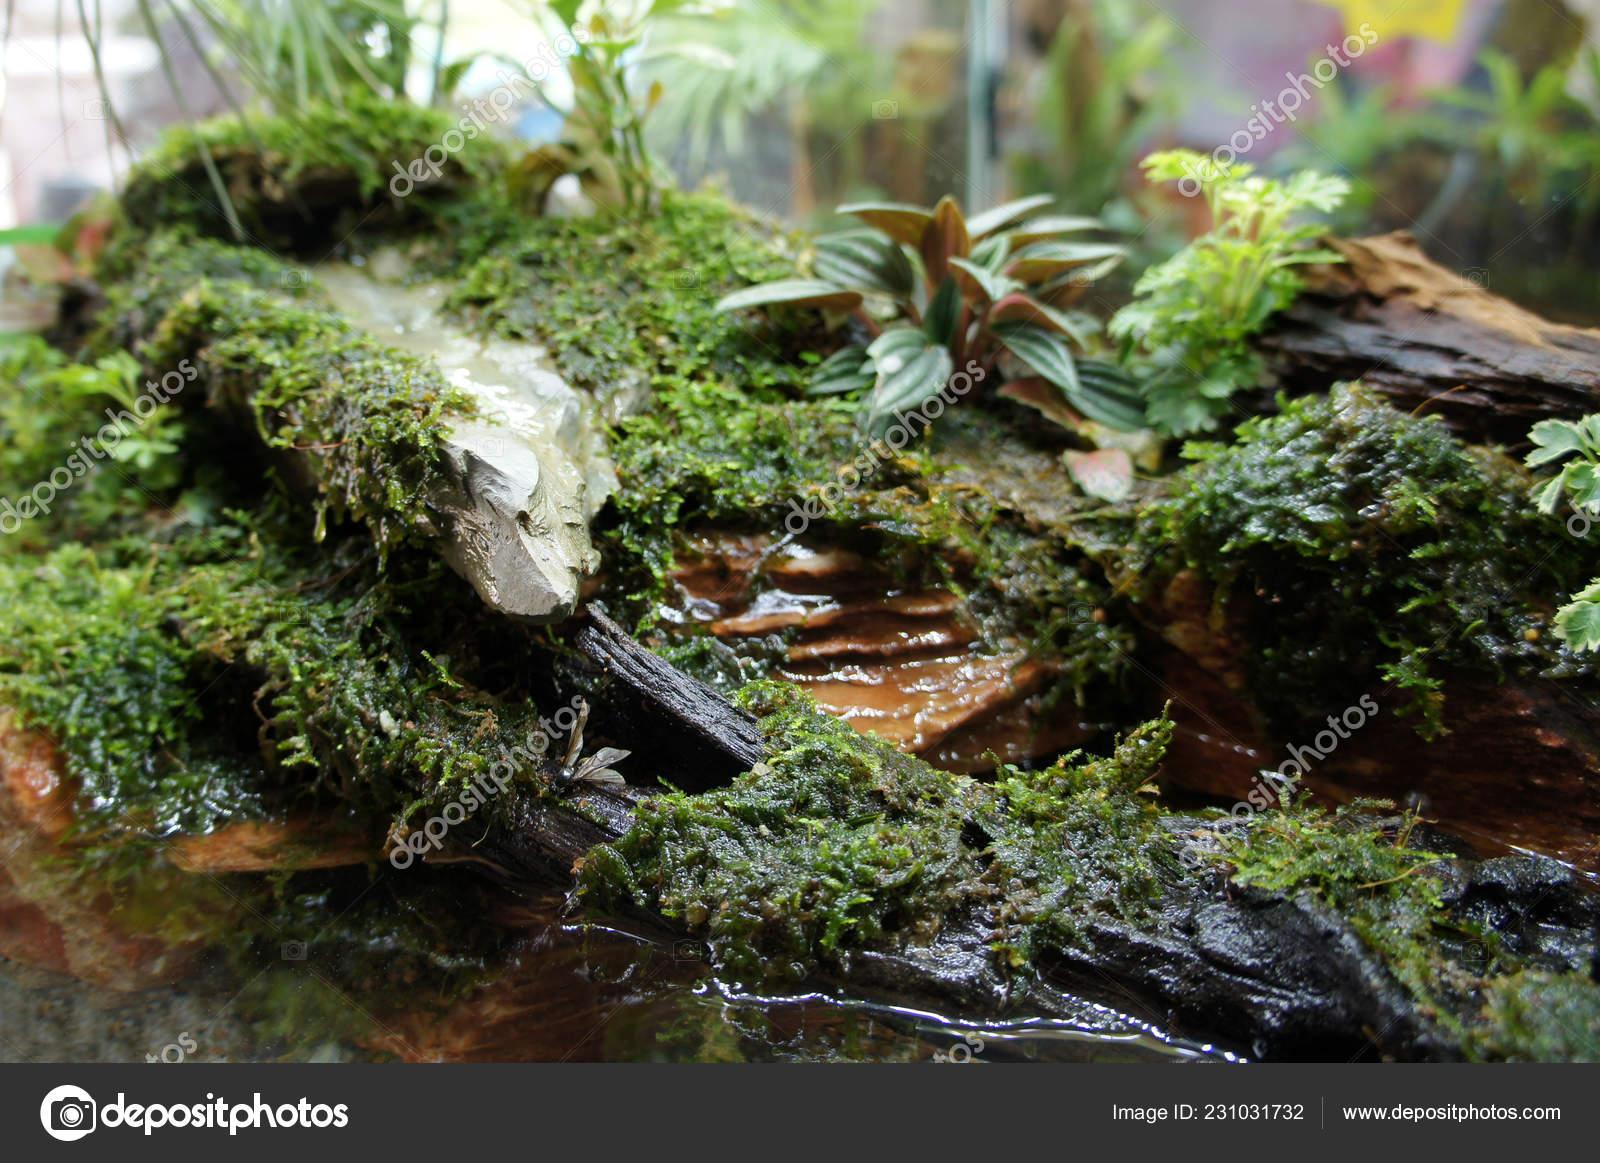 Aquascape Terrarium Design Small Glass Aquarium Displayed Public Stock Photo Image By C Aisyaqilumar 231031732